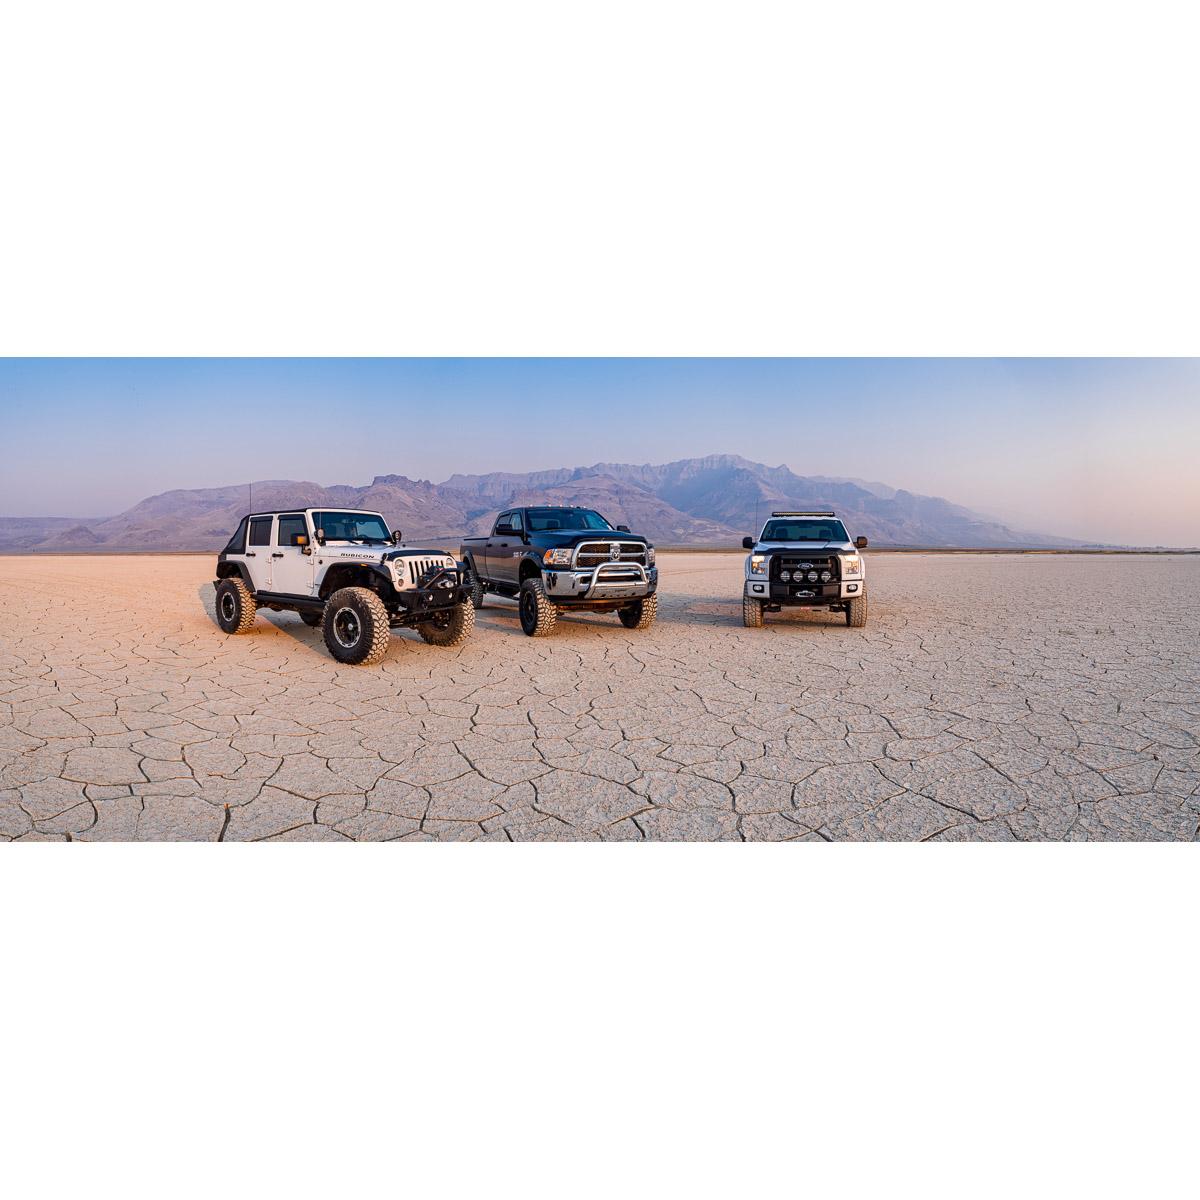 Desert Trucks